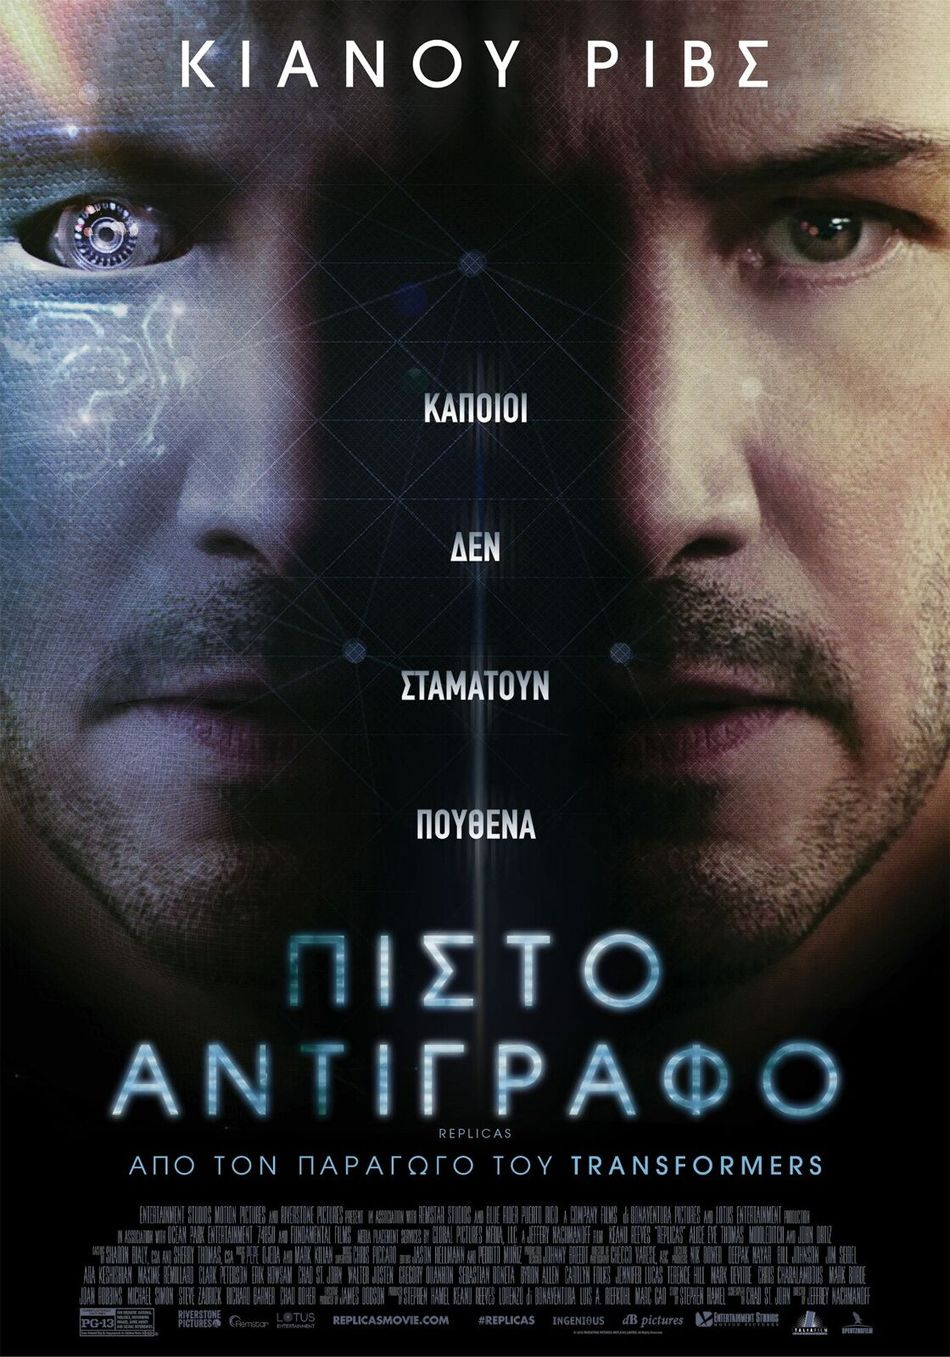 Πιστό Αντίγραφο (Replicas) Poster